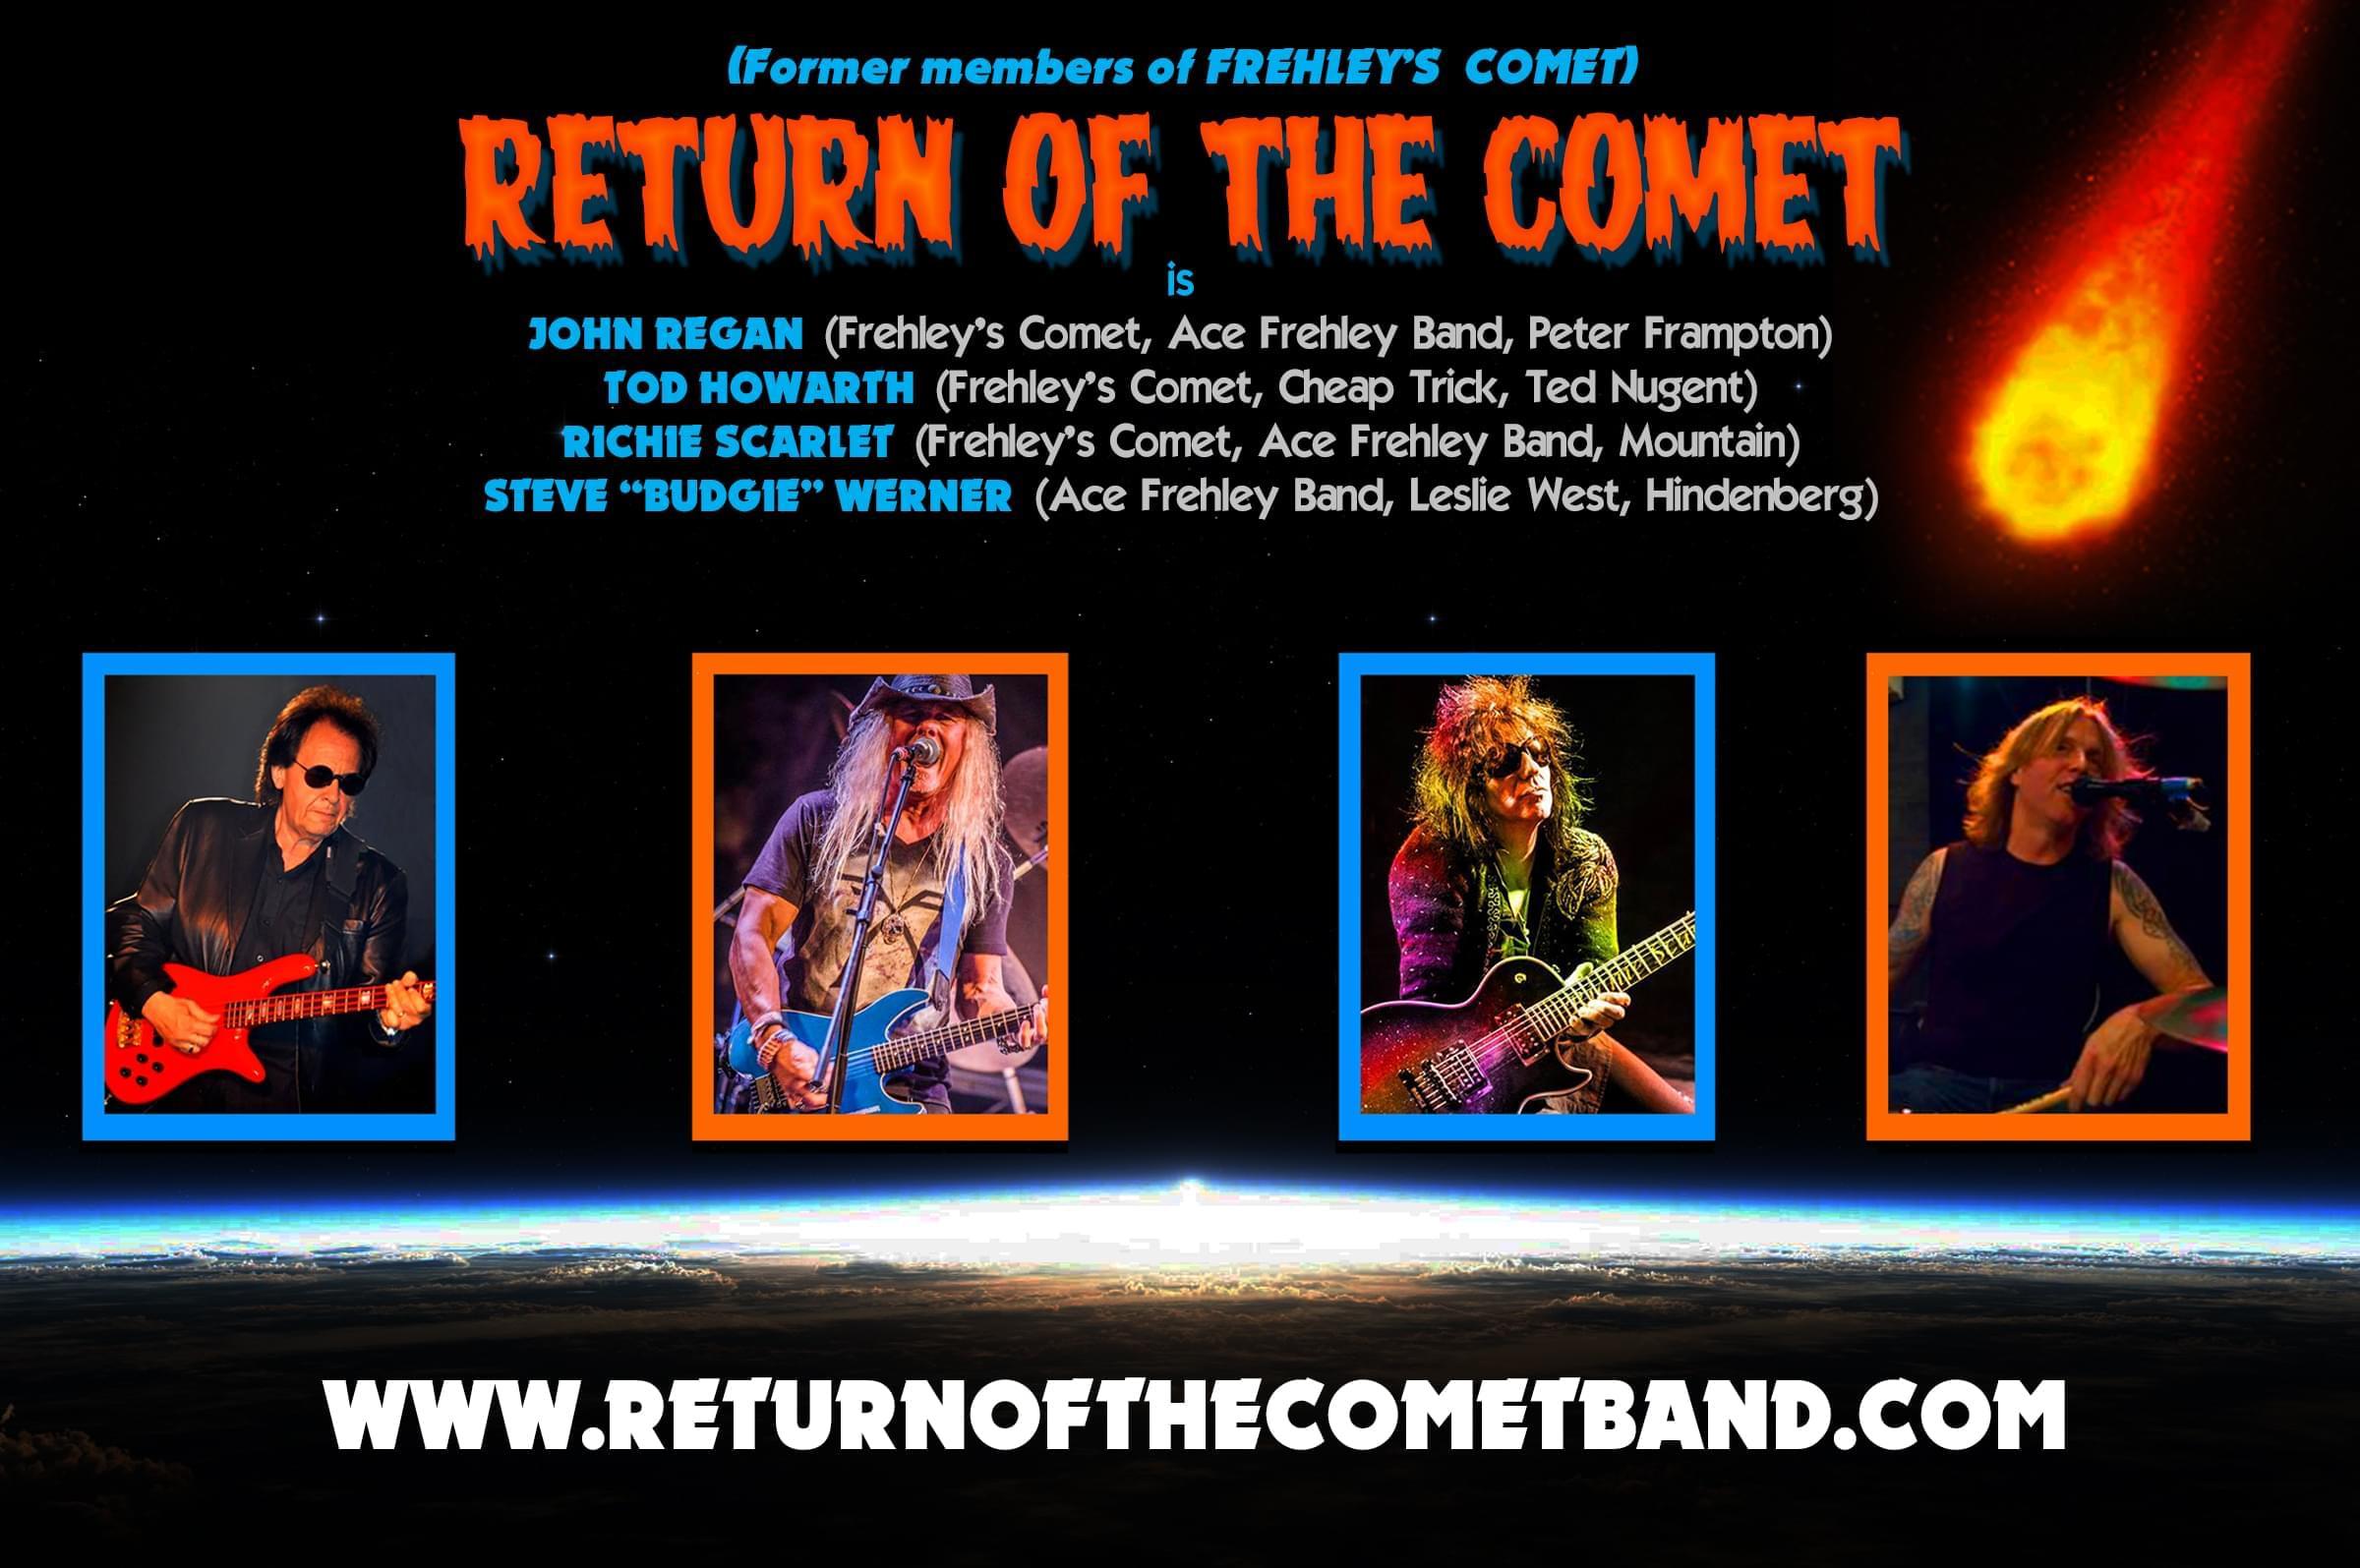 Return Of The Comet's John Regan